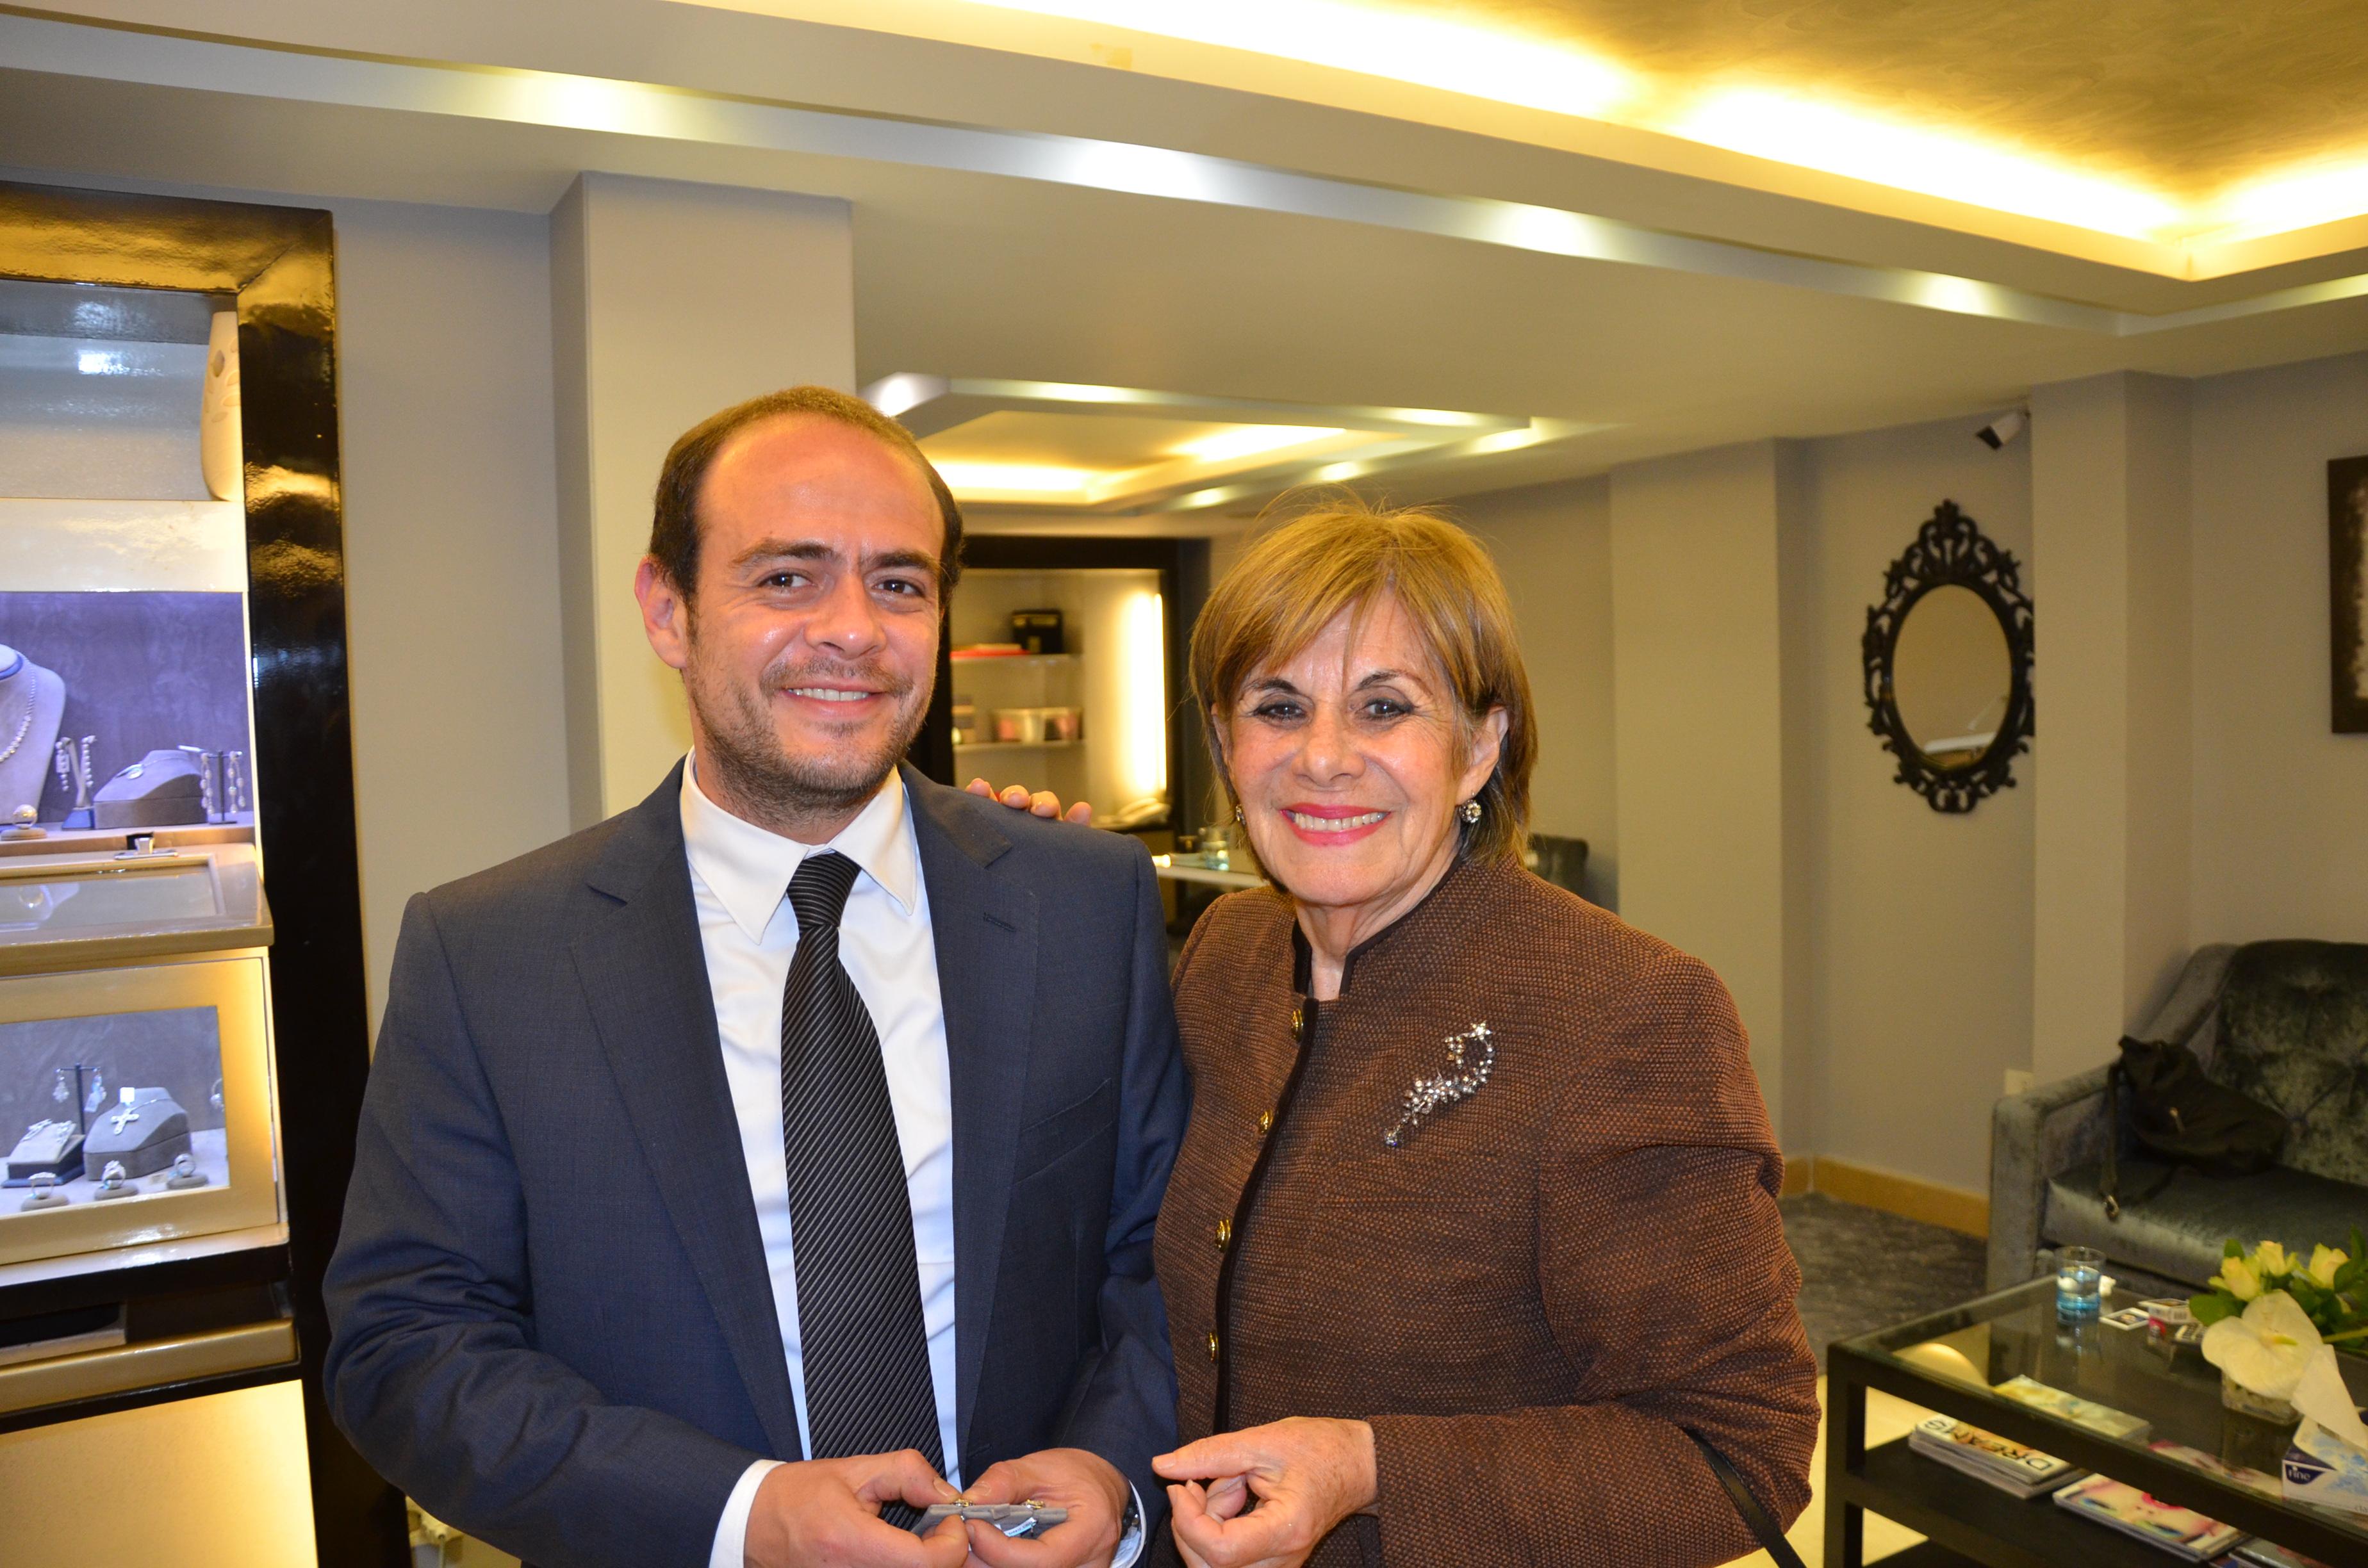 Mr. Mahmoud El Sirgany & Mrs. Cherif El Sirgany